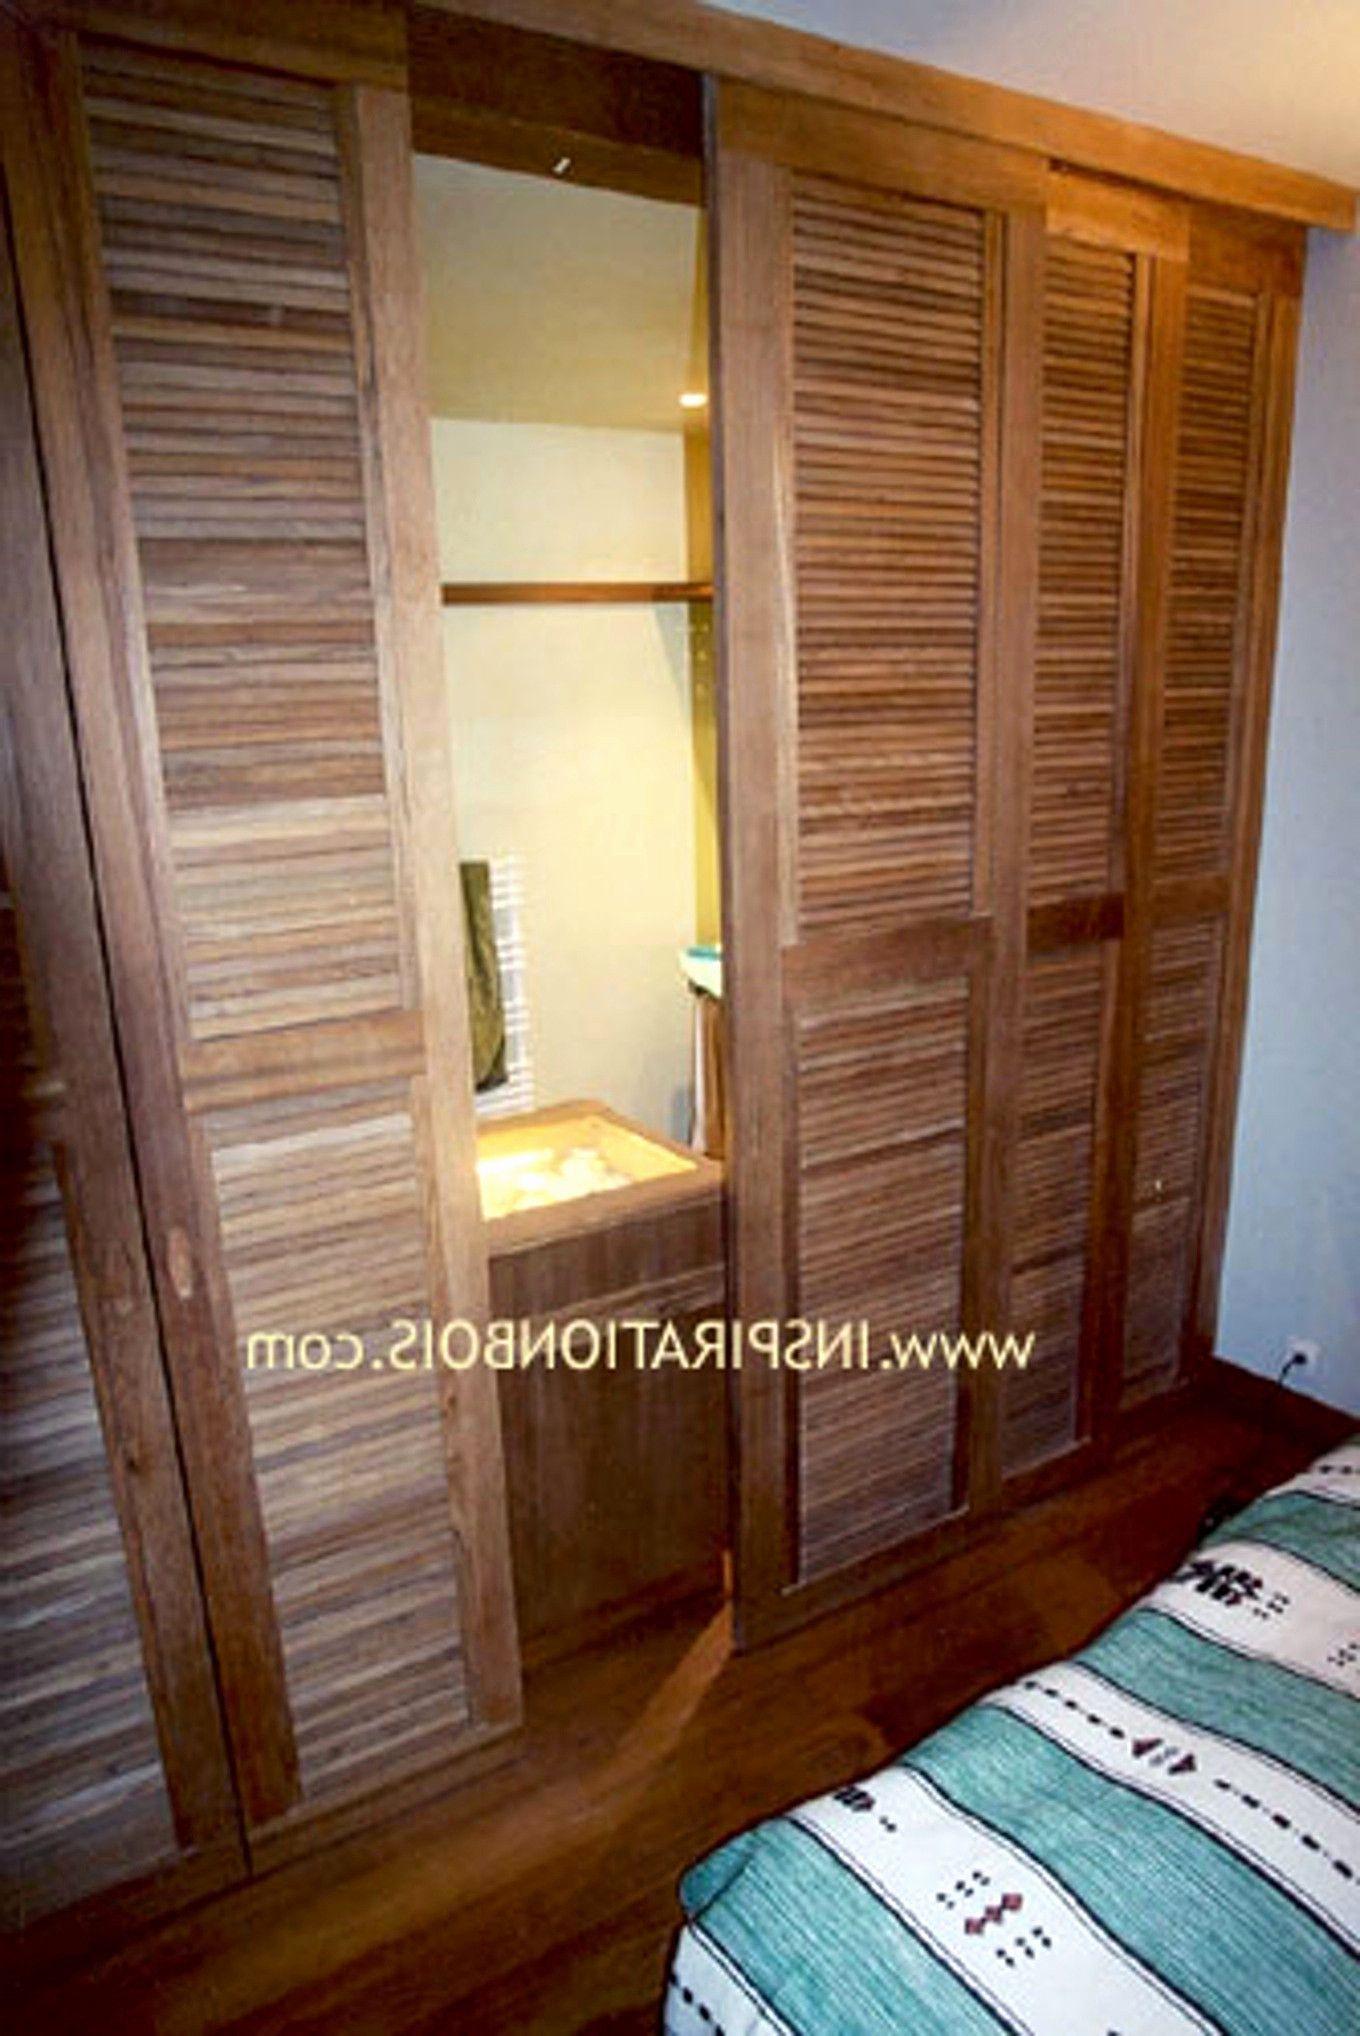 Fenetre Pvc Lapeyre Avec Porte Alu Castorama Pour Appui De Fenetre Sliding Doors Doors Home